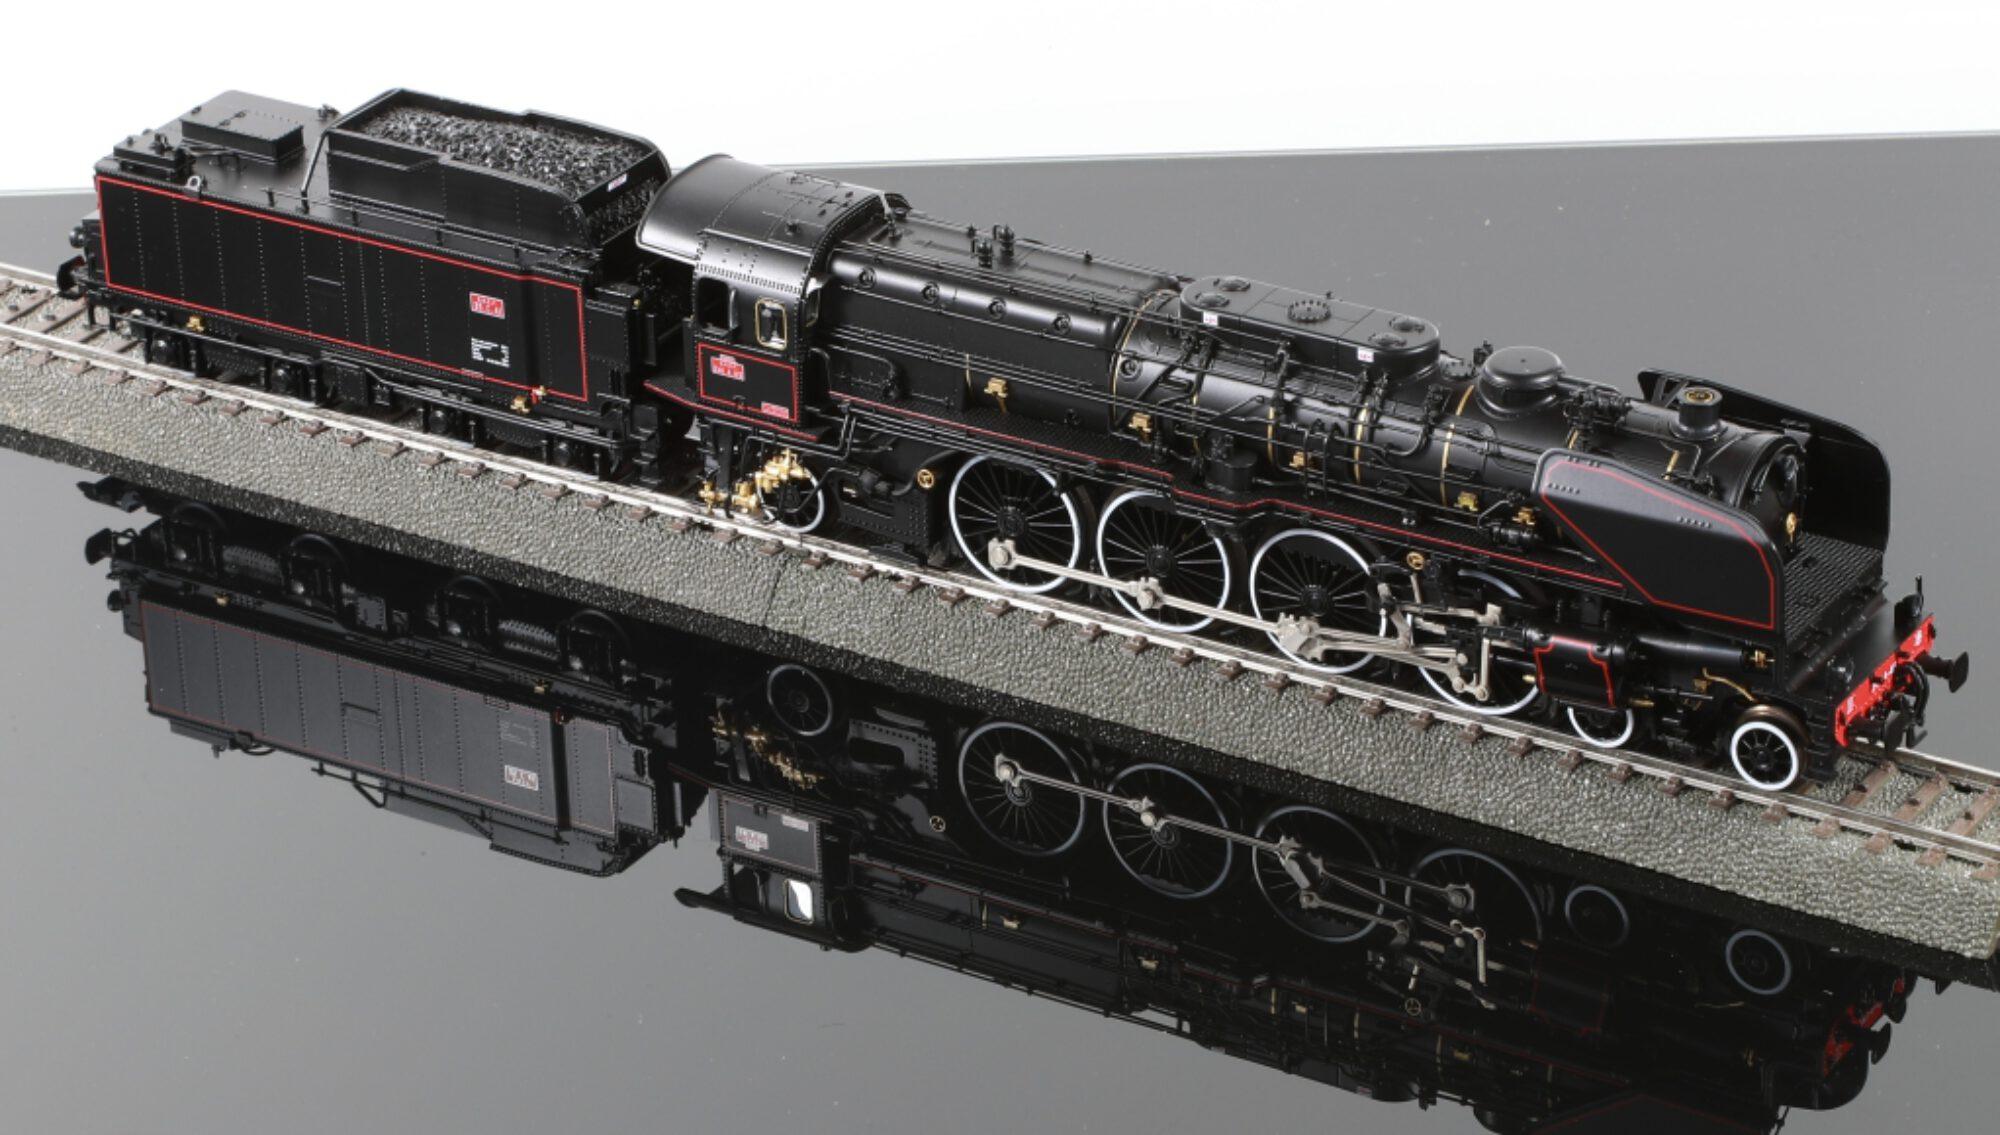 ThKaS - Modellbahnseiten für Interessierte